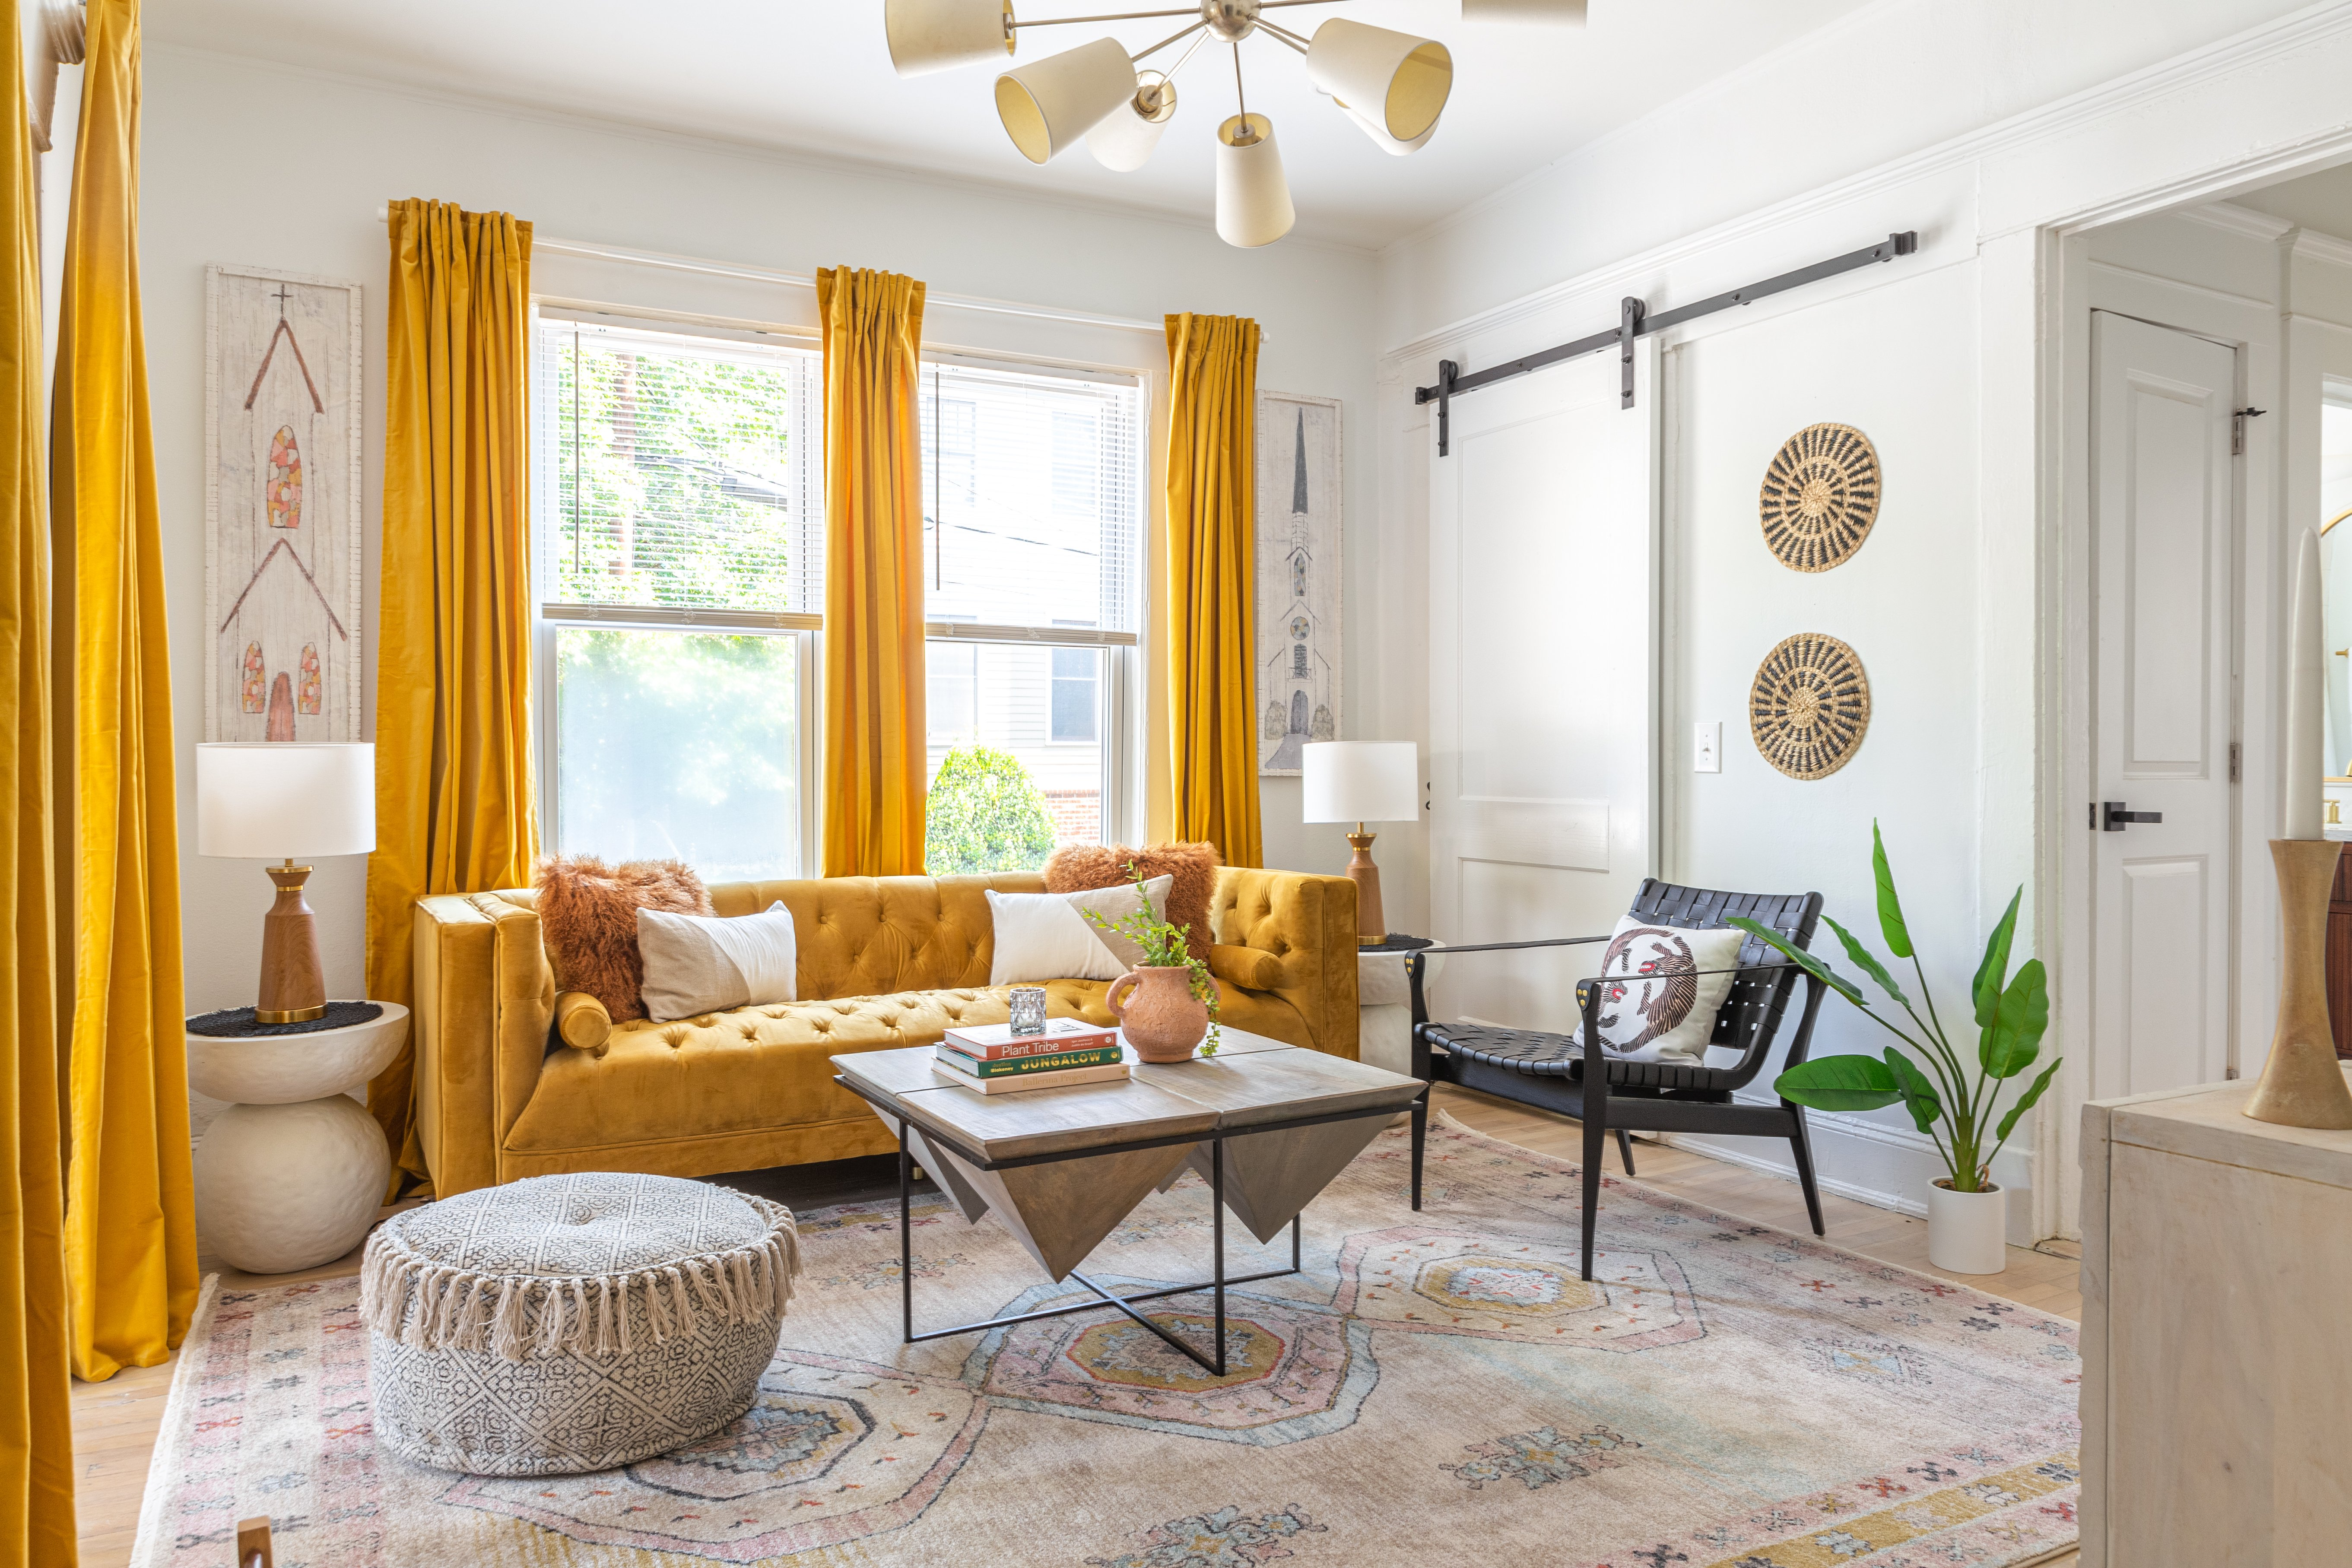 02 livingroom 20210728-IMG_1095-HDR.jpg